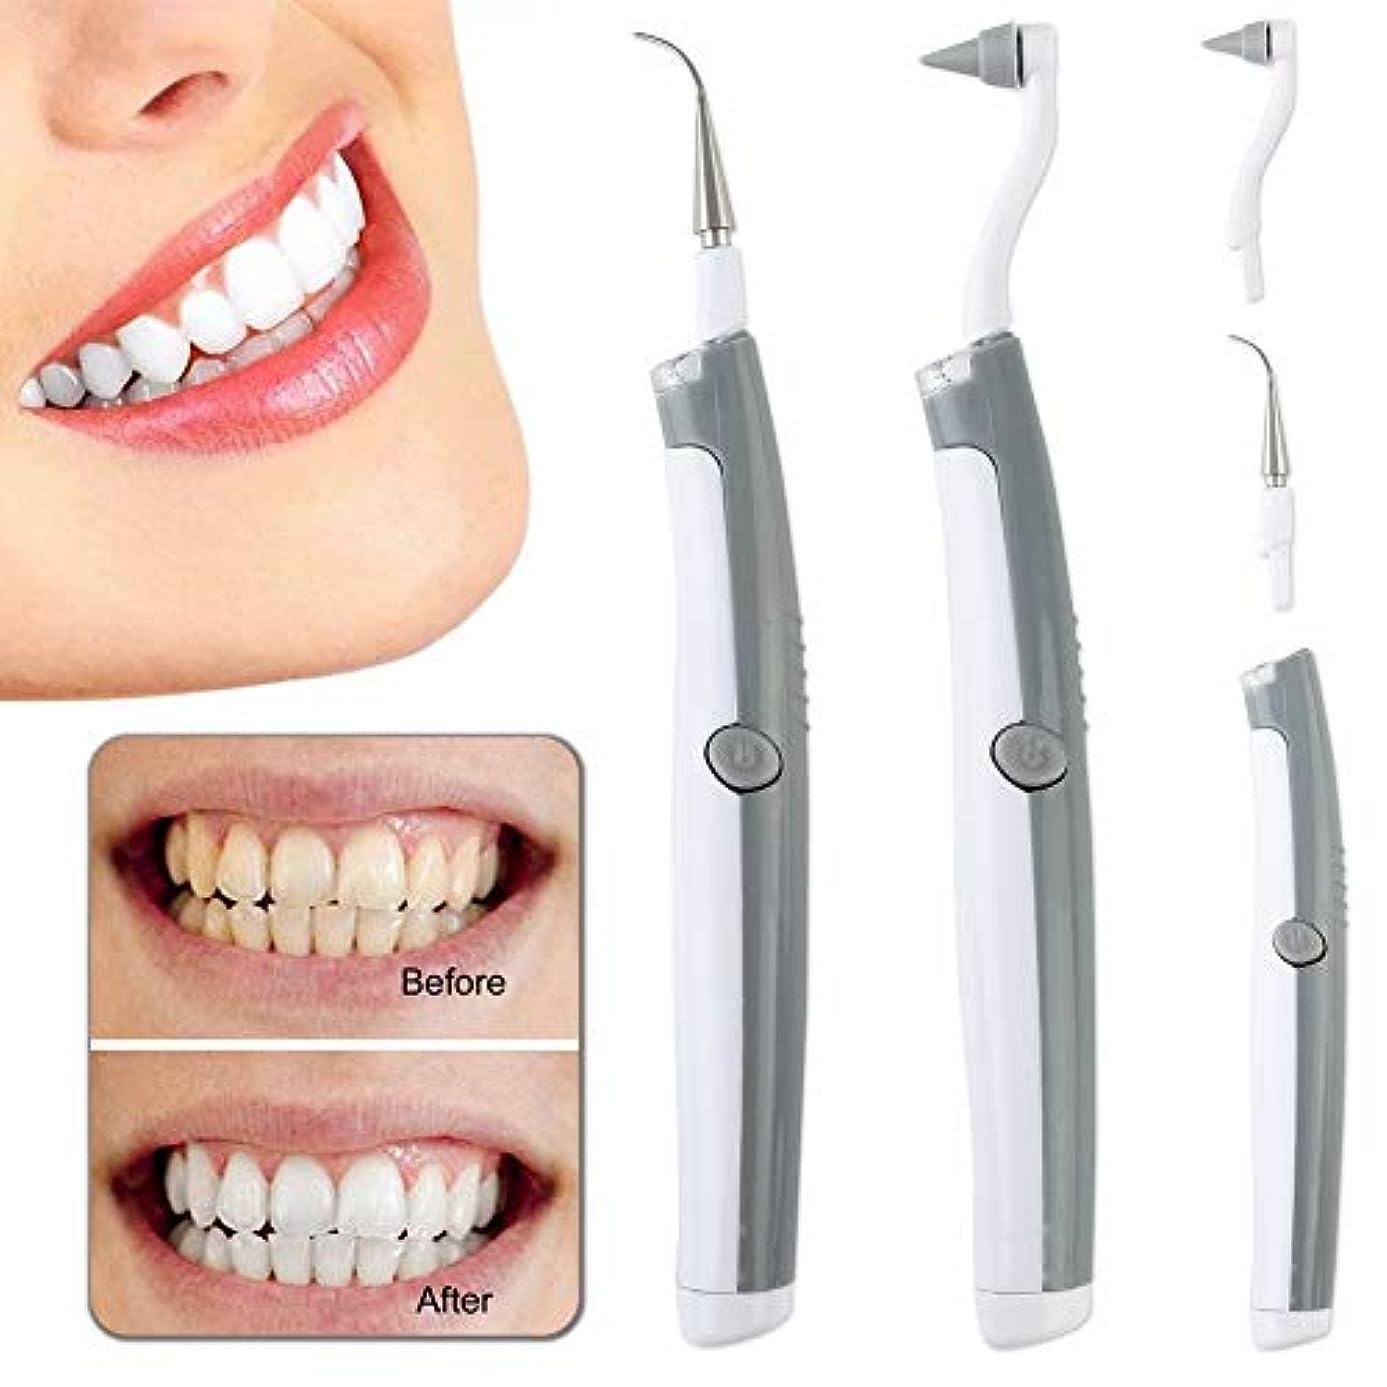 シーズン費やす鷹Six-Bullotime 歯用ツール 電動 歯清潔 歯の消しゴム 多機能の電動のLED歯科用ツールキットオーラルケア 歯間クリーナー 歯磨き 歯石取り 口腔洗浄器 口臭防止